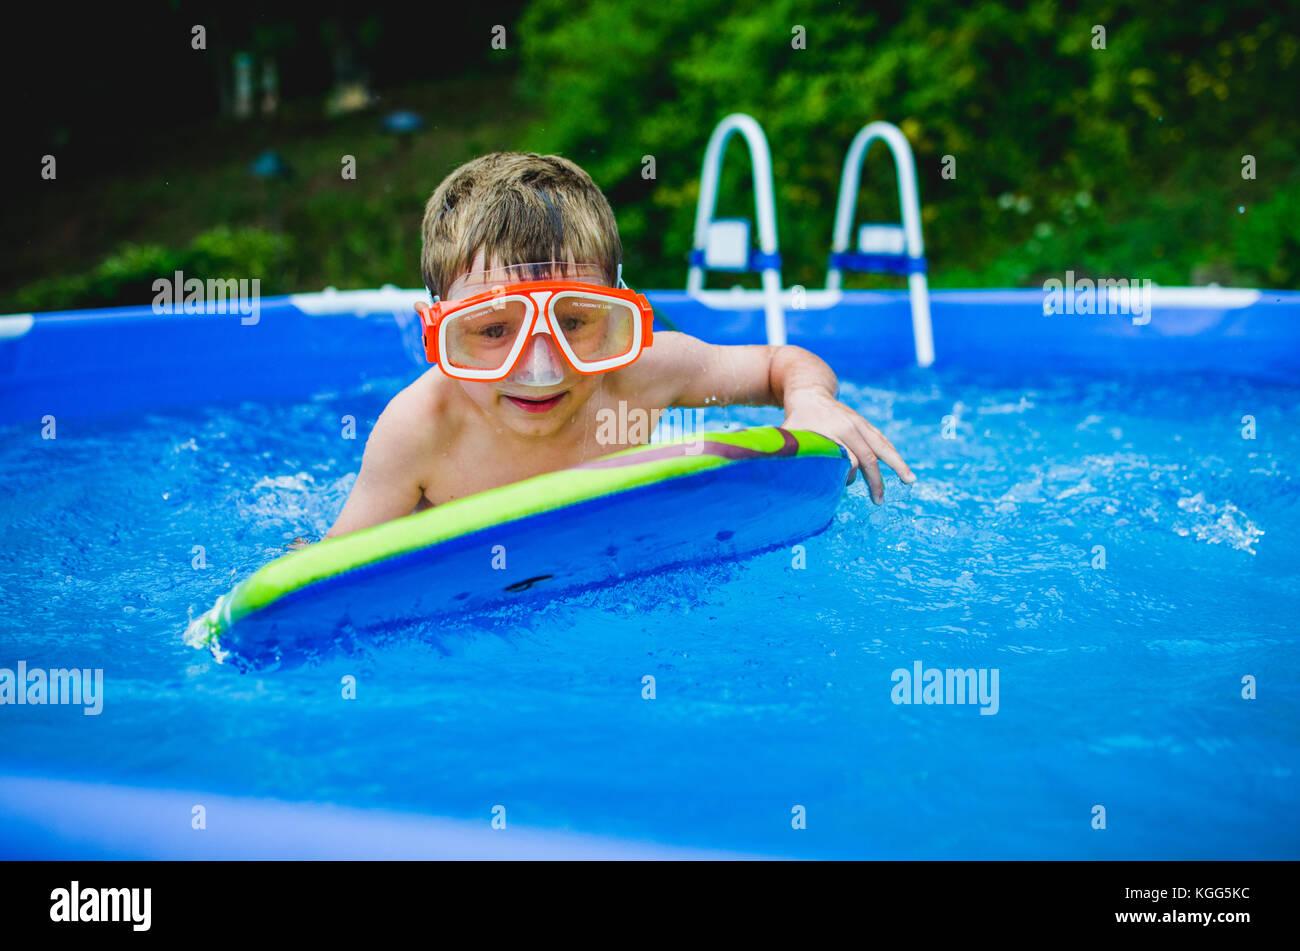 8-9 anni di giocare su un boogie board in una piscina in estate. Immagini Stock